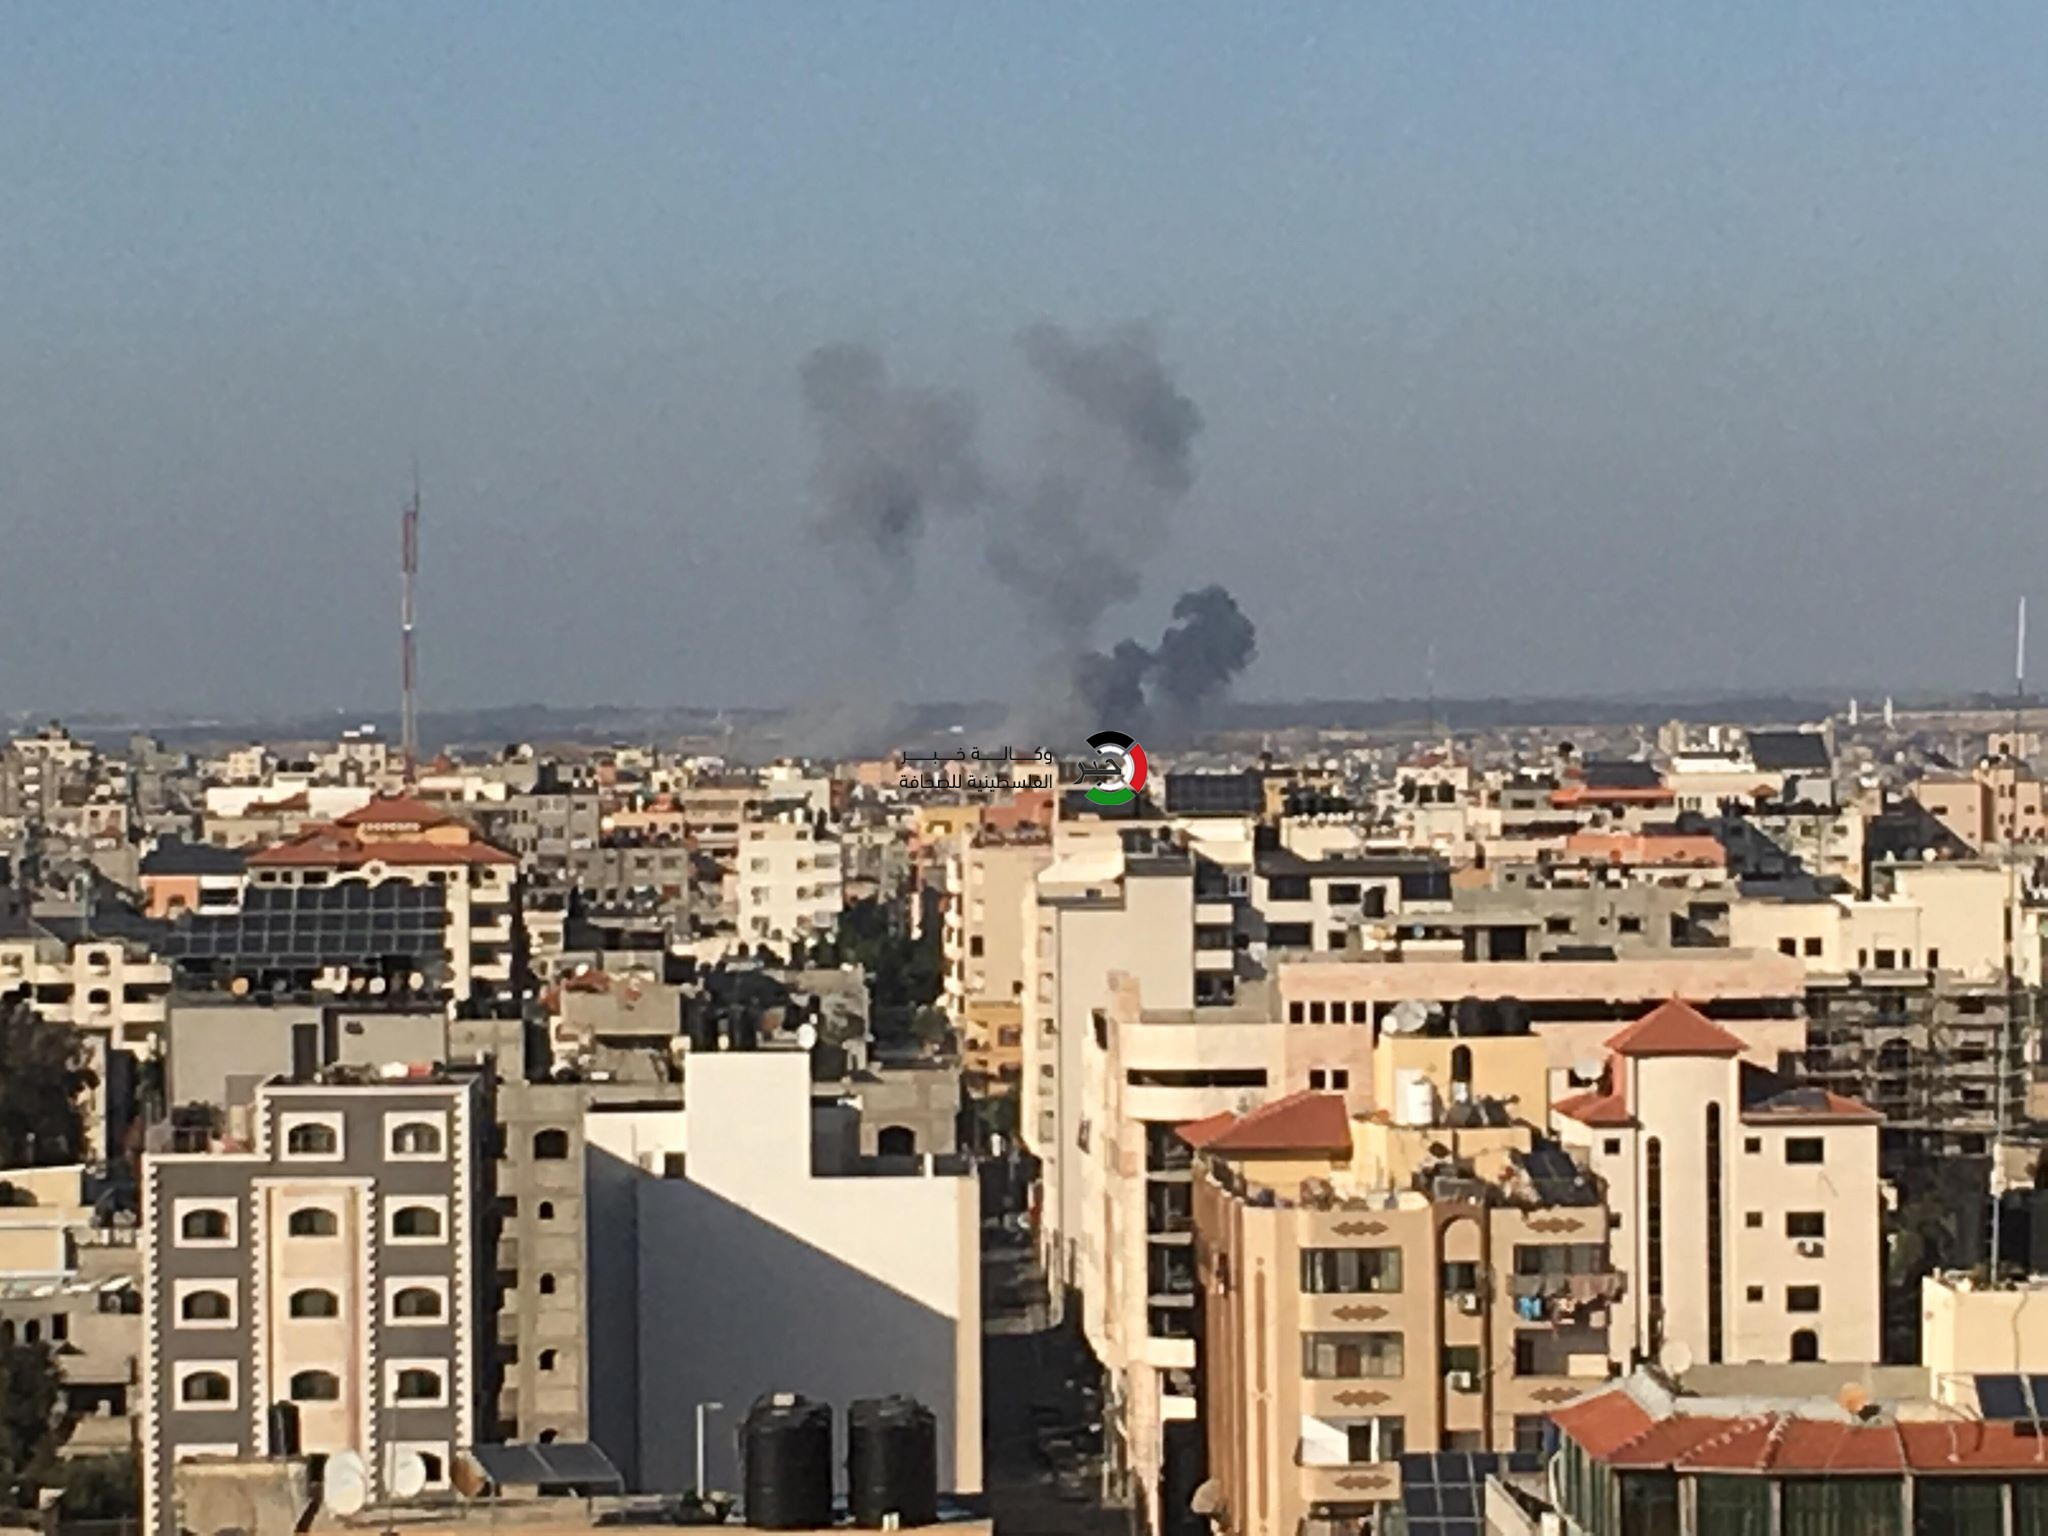 5 شهداء وعشرات الإصابات بقصف إسرائيلي على قطاع غزّة